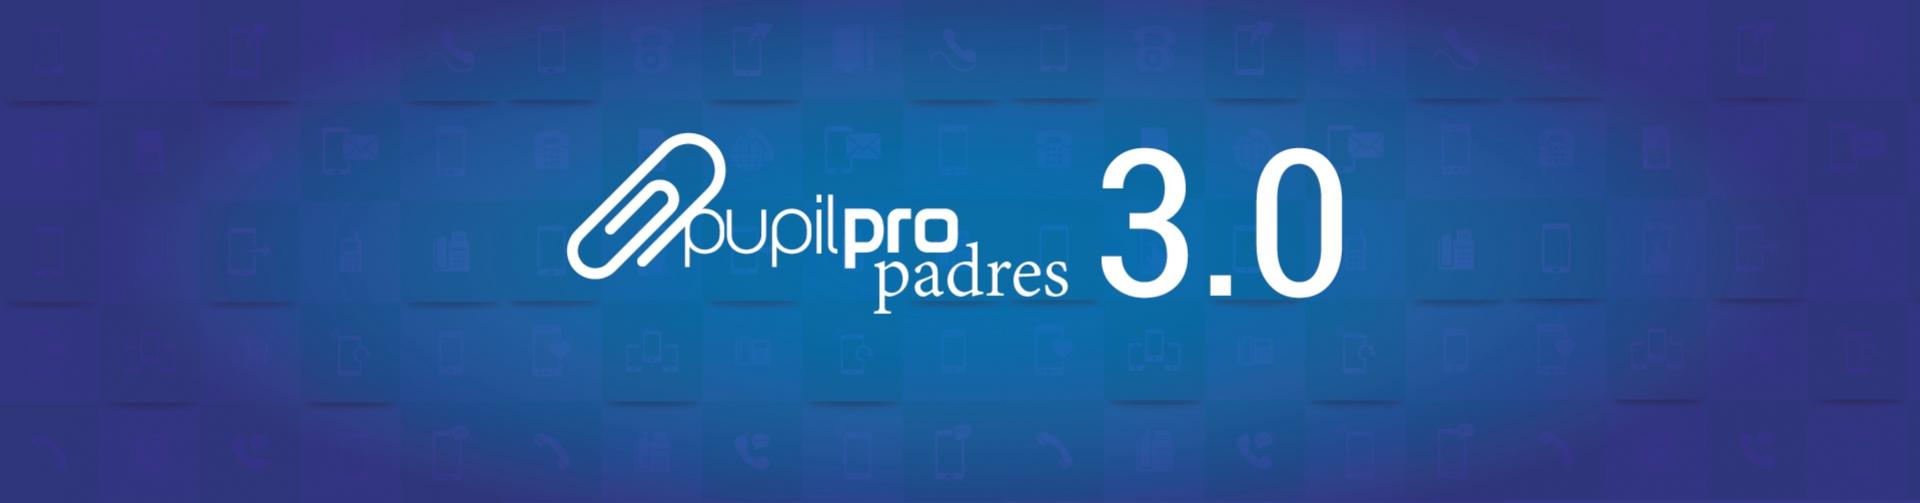 Disponible al versión 3.0 de la aplicación Pupipro Padres